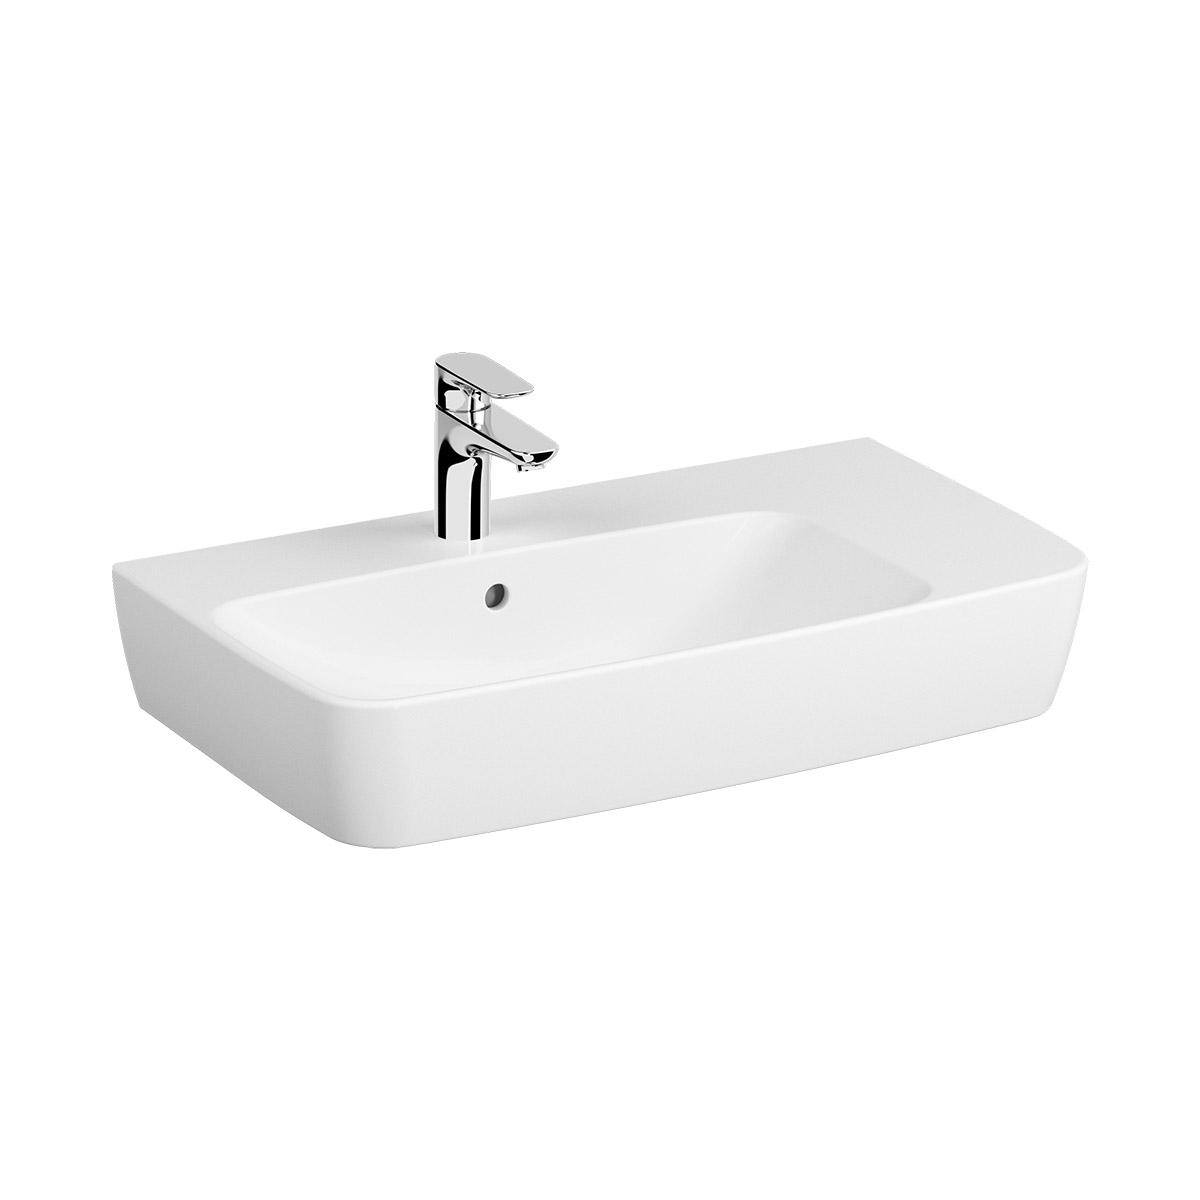 Shift Waschtisch 75 cm,  asymmetrisch, mit Ablage rechts, mit Hahnlochbank, mit Hahnloch mittig (Becken), mit Überlaufloch, Weiß, VitrA Clean